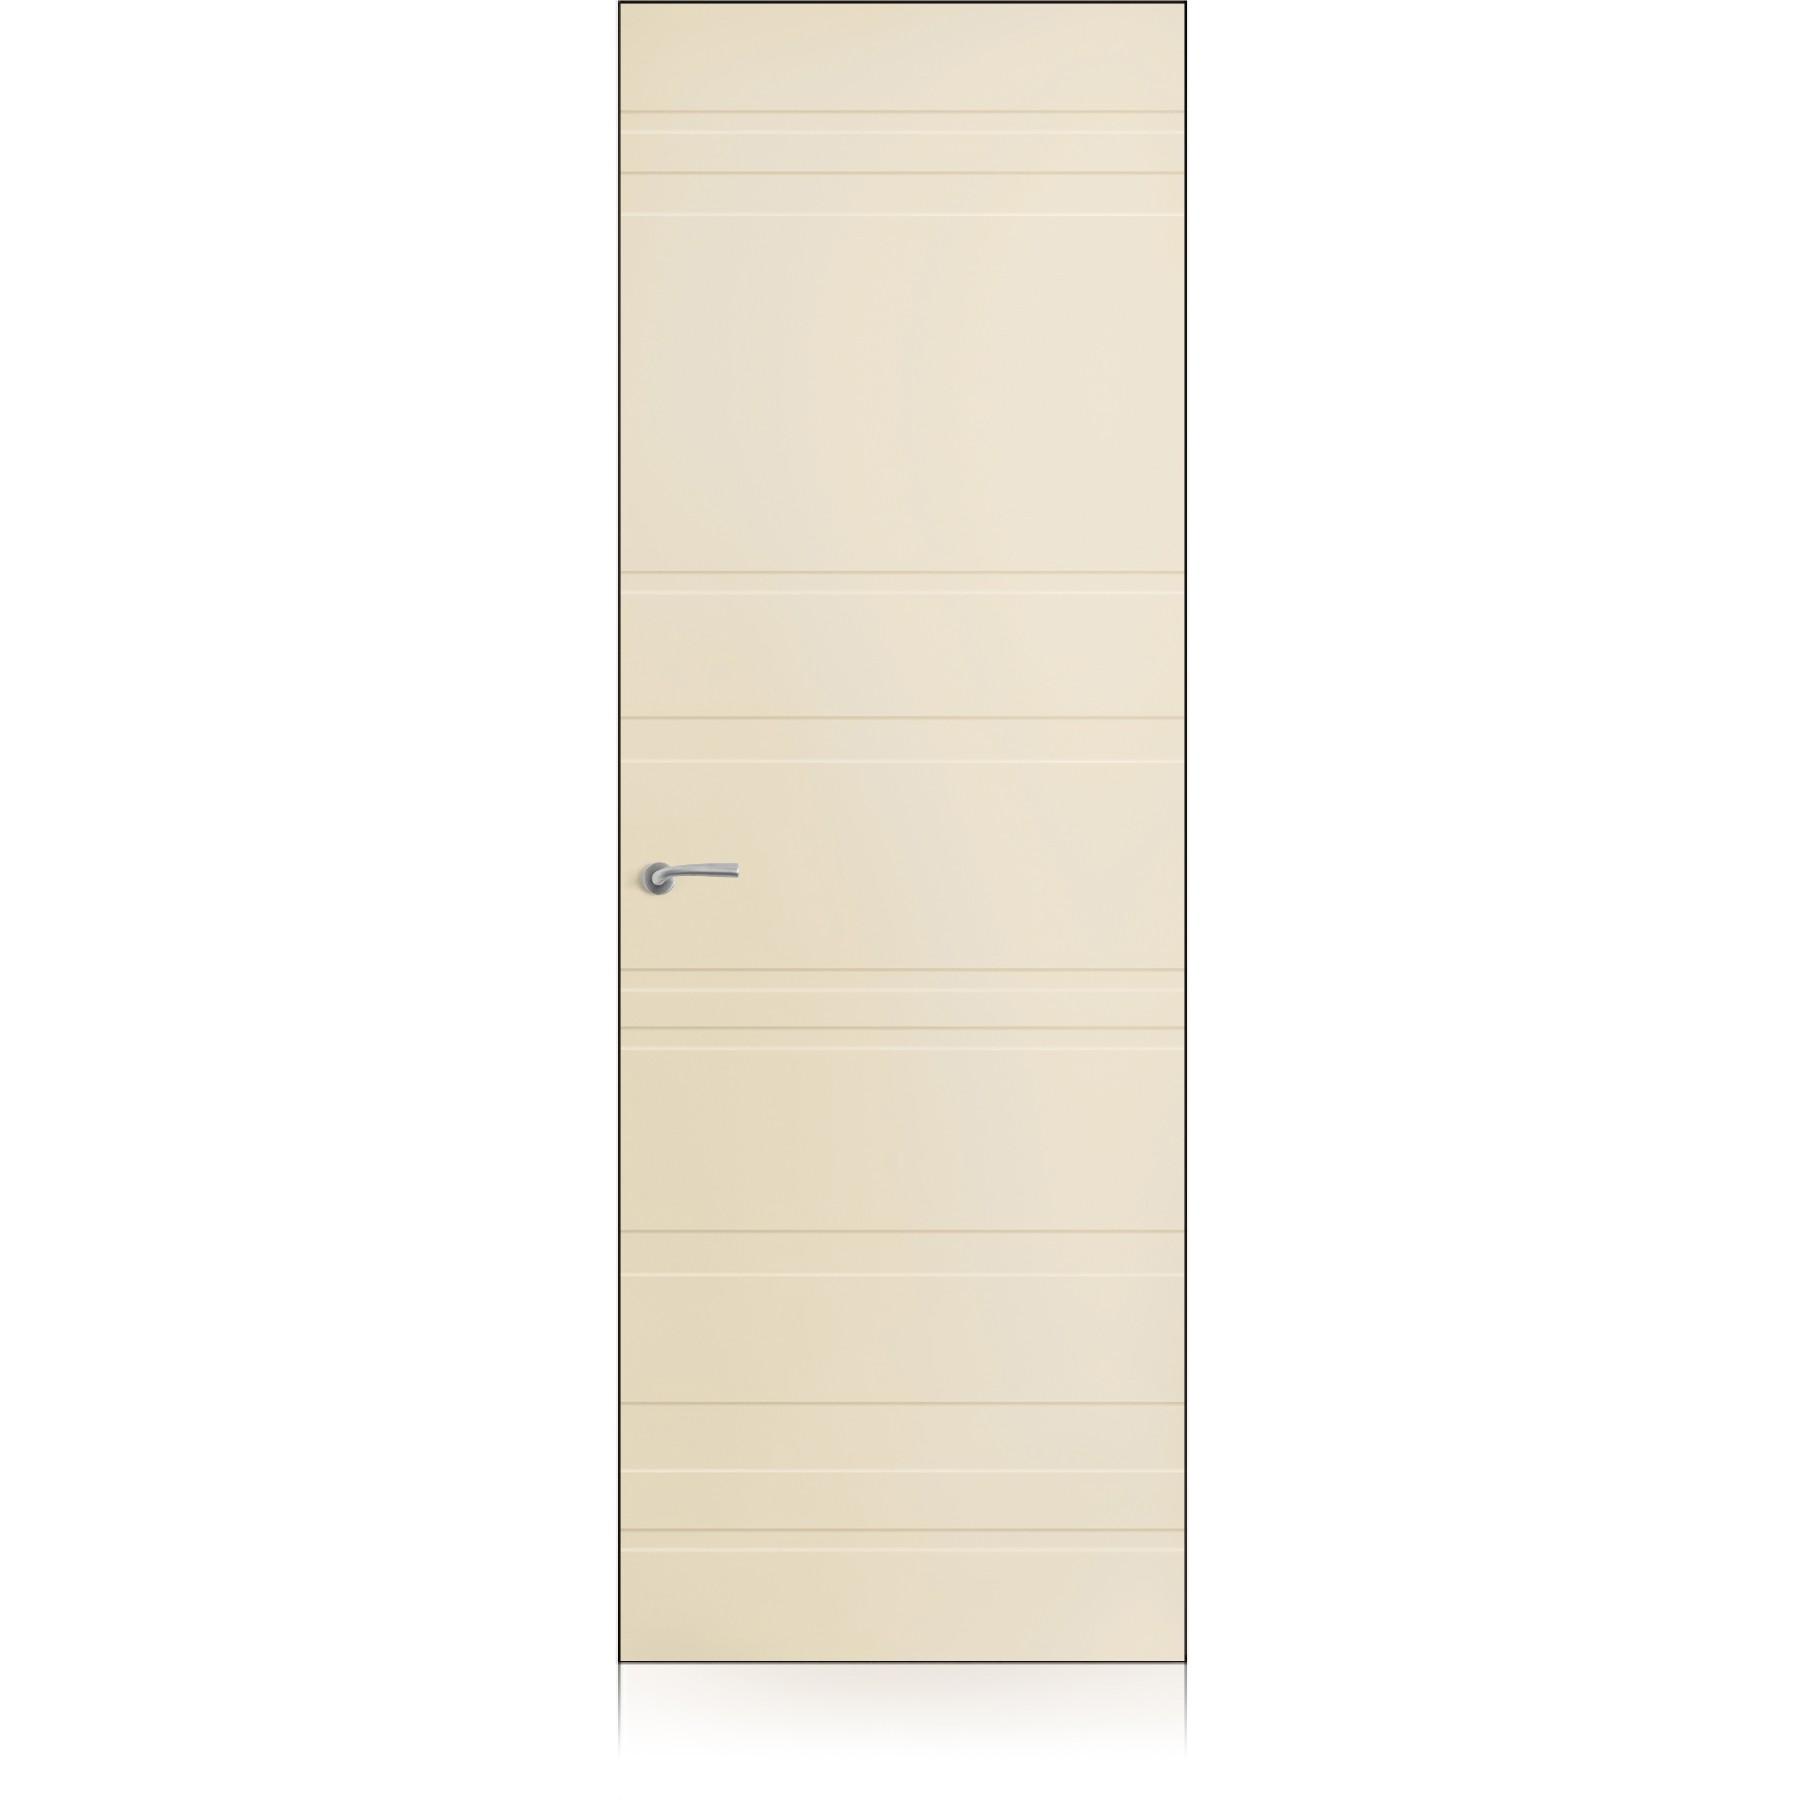 Yncisa Styla Zero cremy door